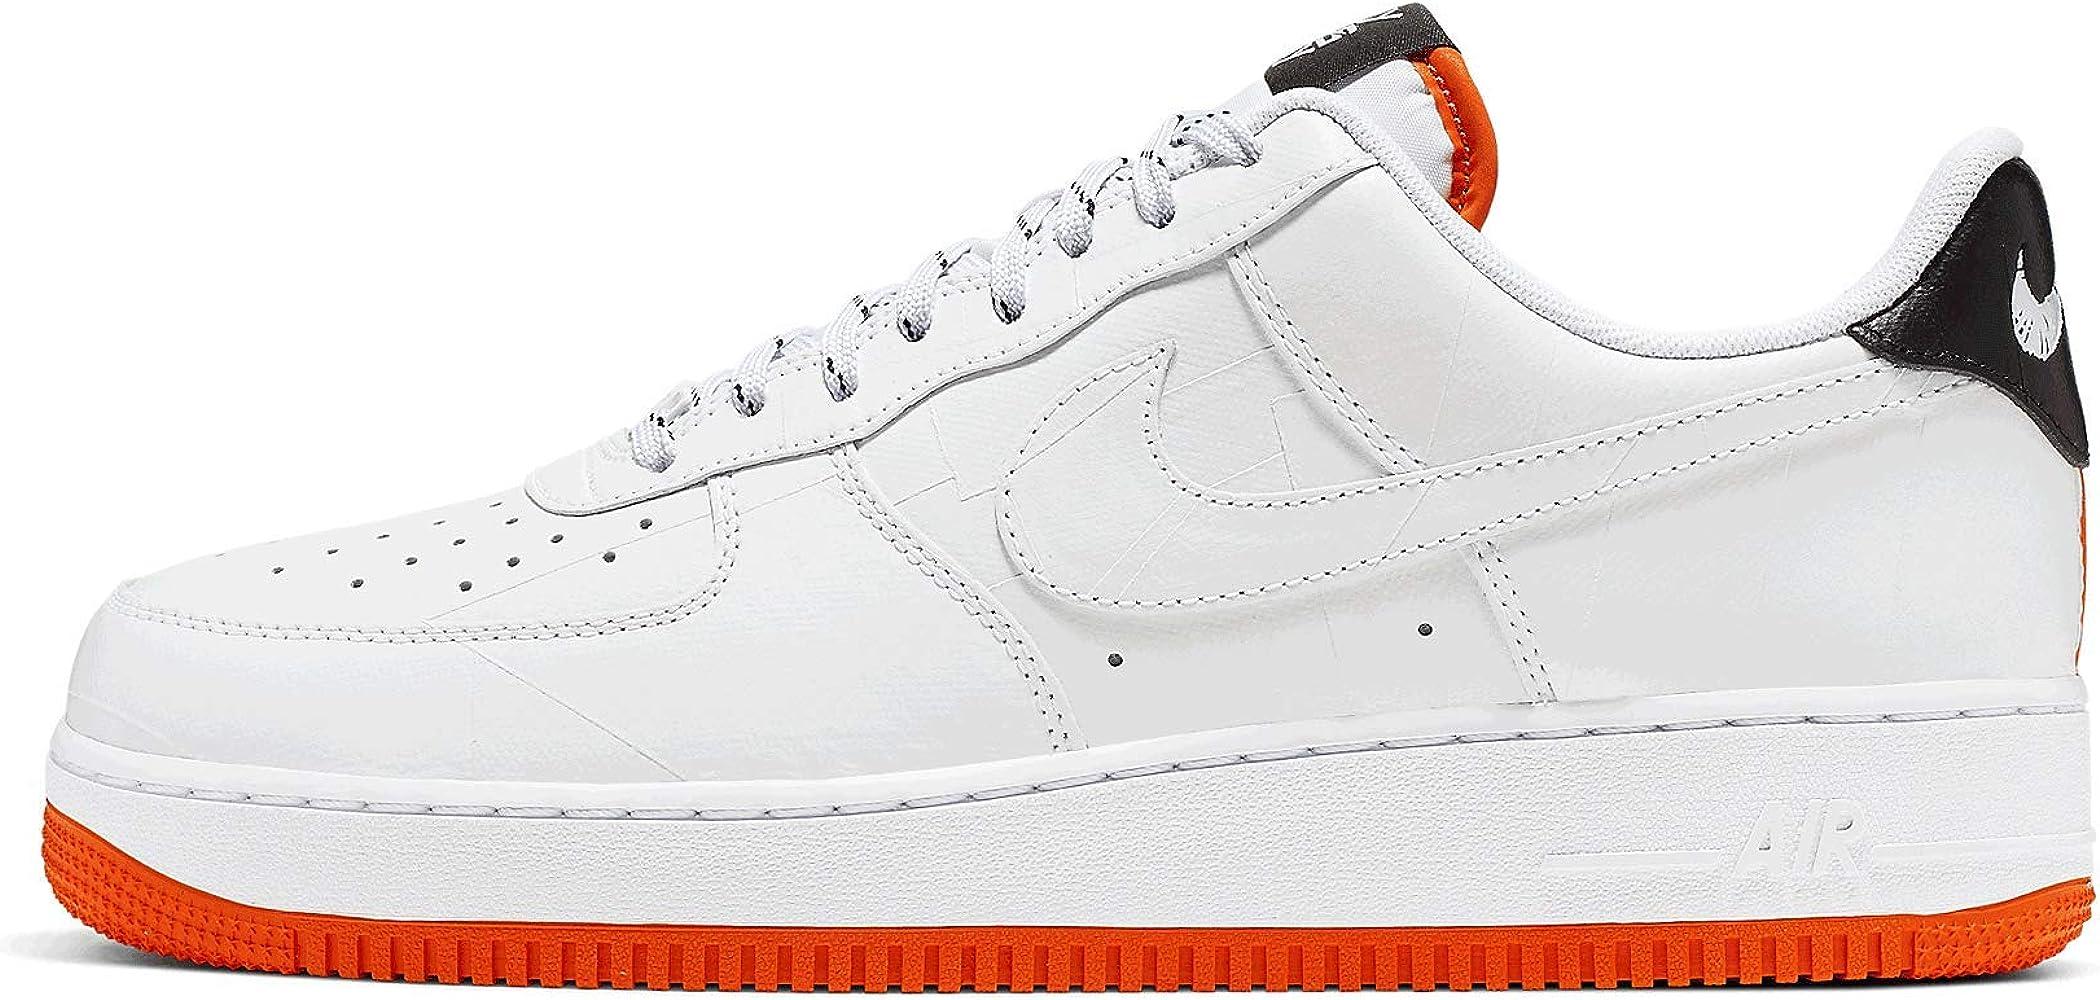 Nike Air Force 1 07 Lv8 (White